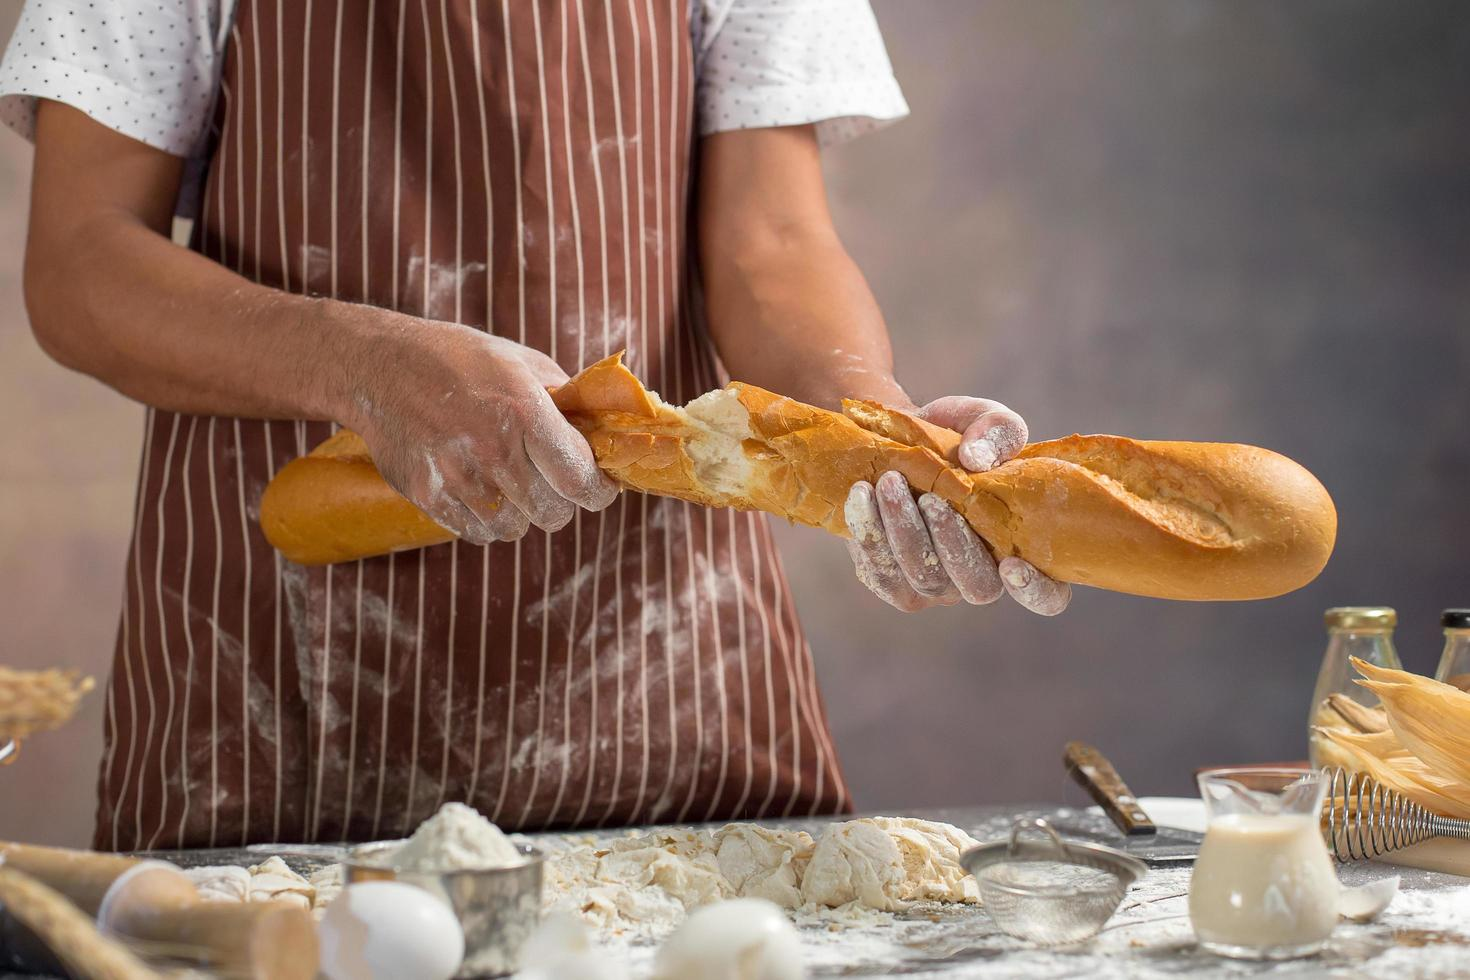 chef separa pão fresco na cozinha foto